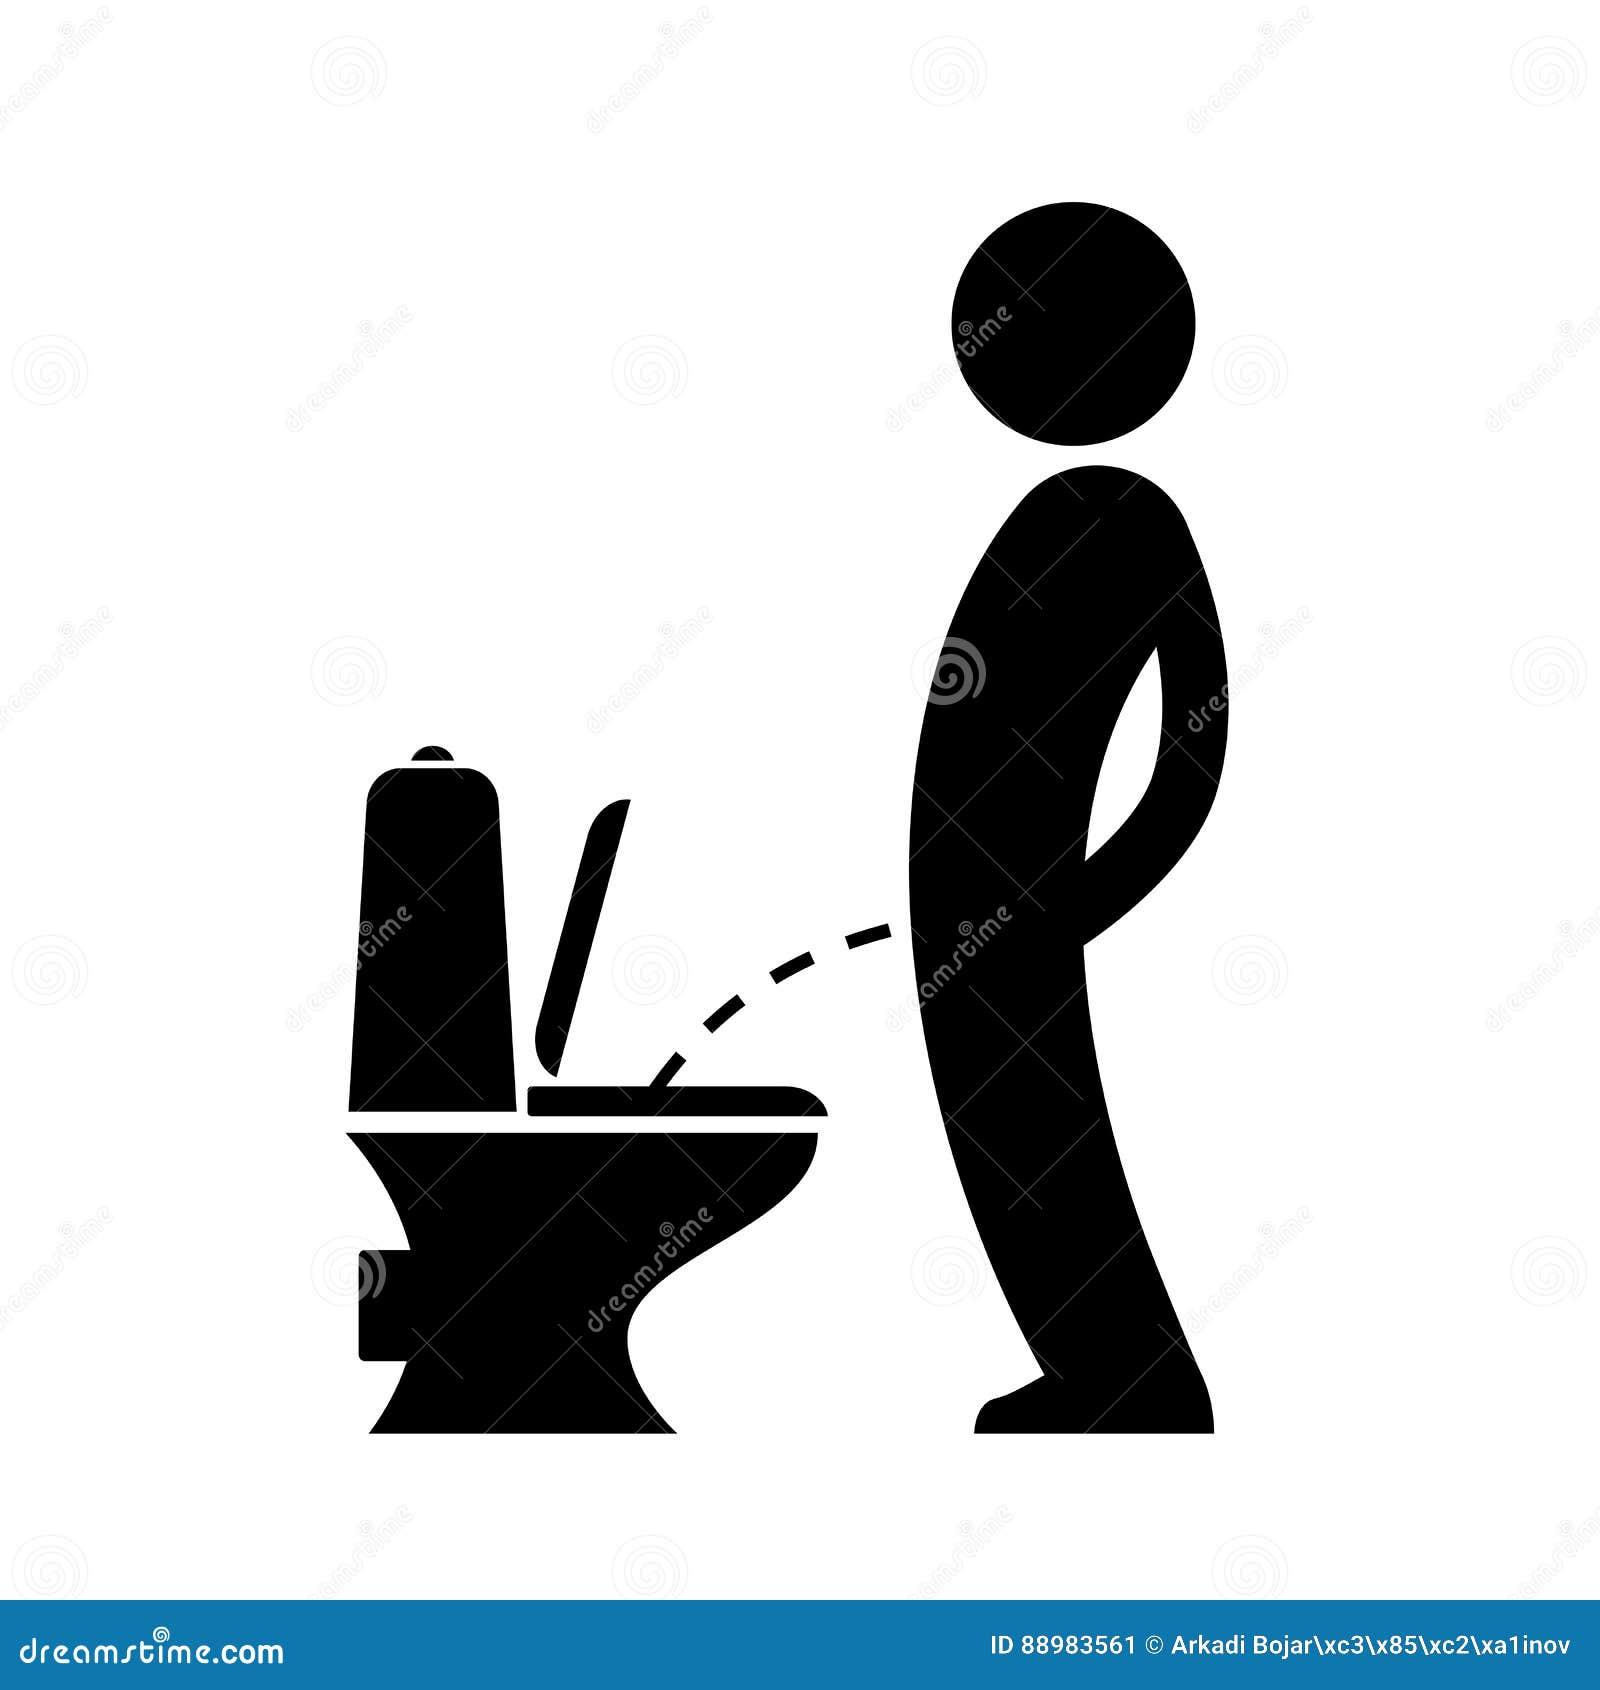 community door peeing type